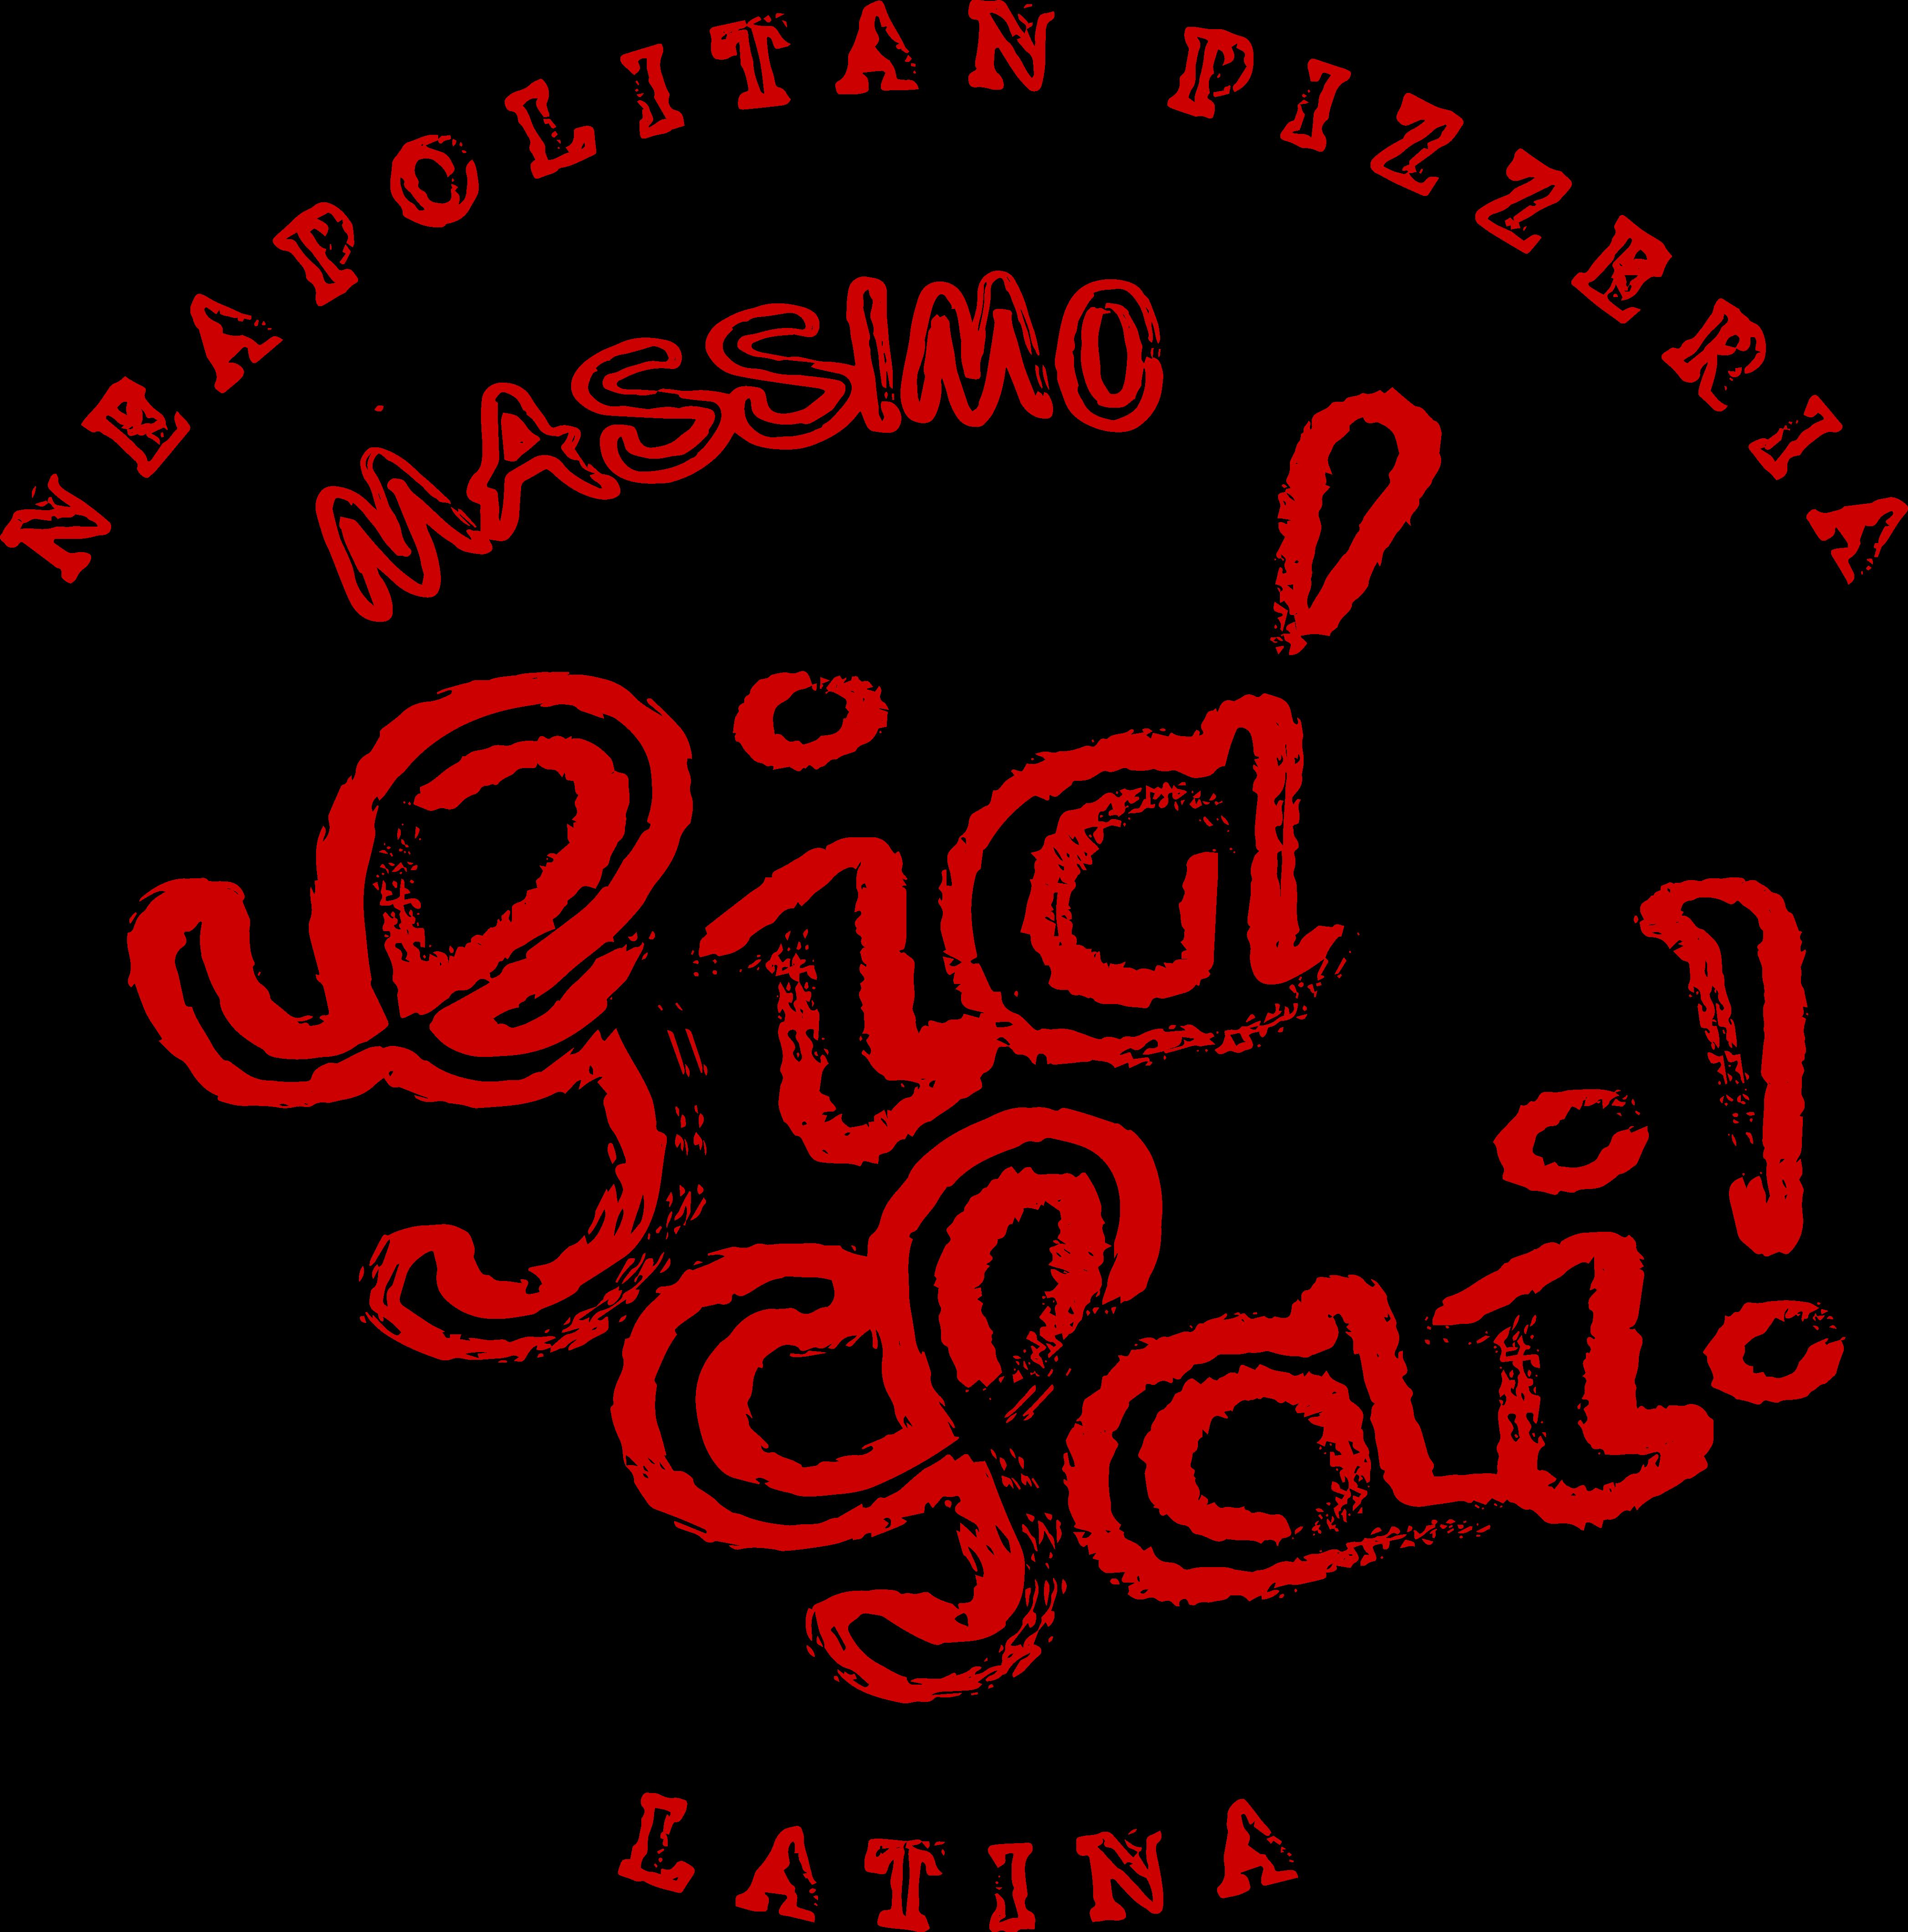 Gia' Sai